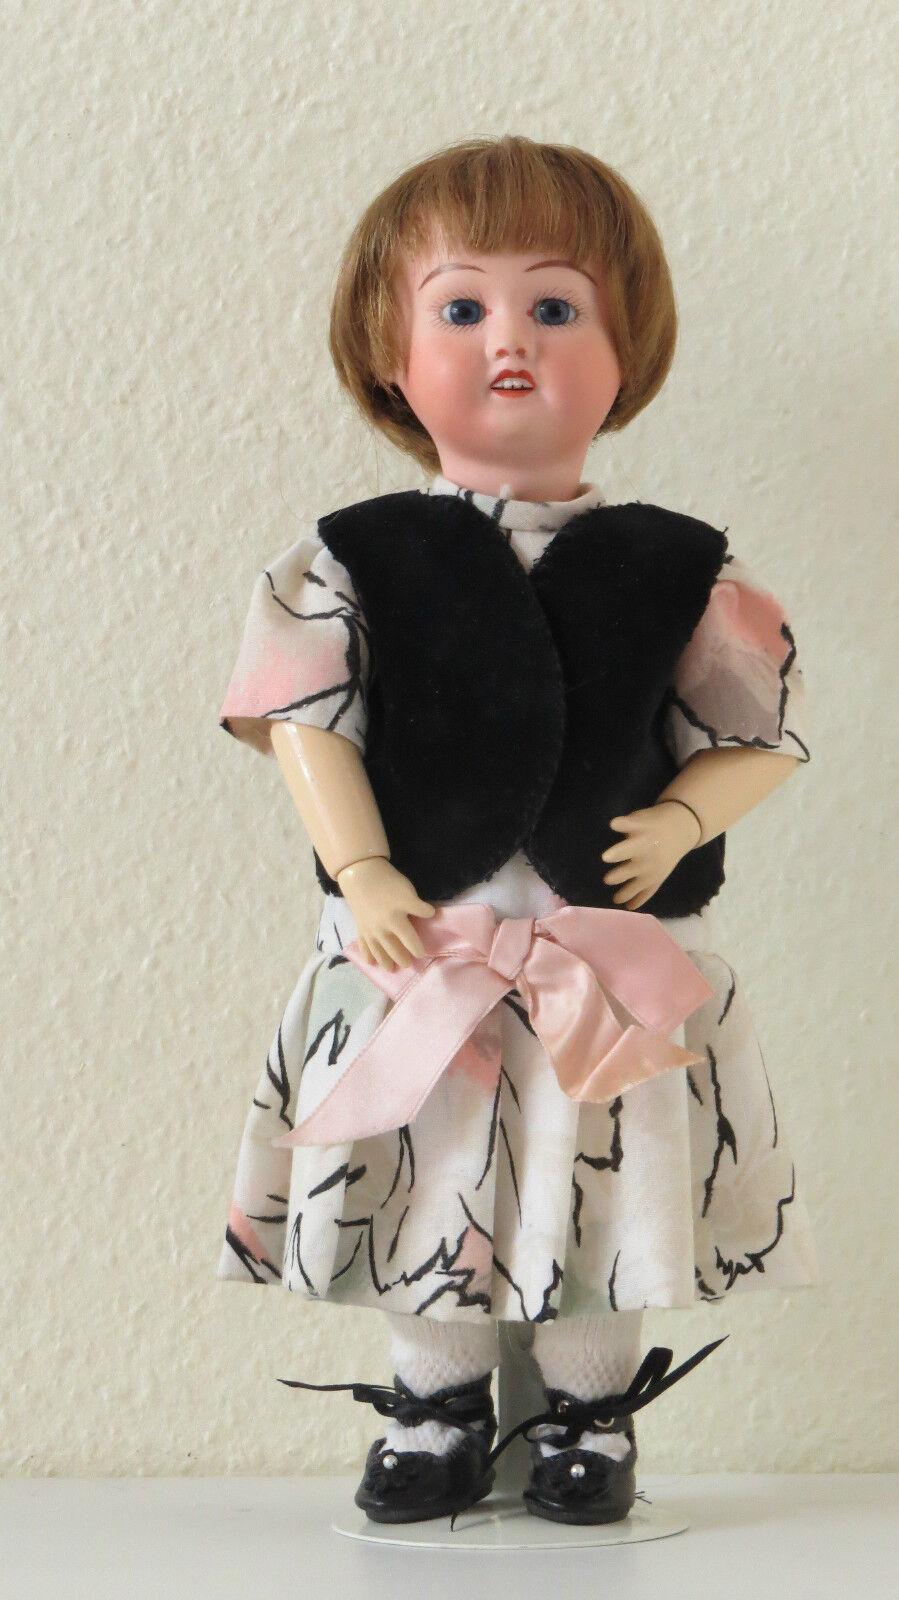 Blauette  SFBJ 60   Ref   D  27 cm Poupée Ancienne   Reproduction  Antique  Doll